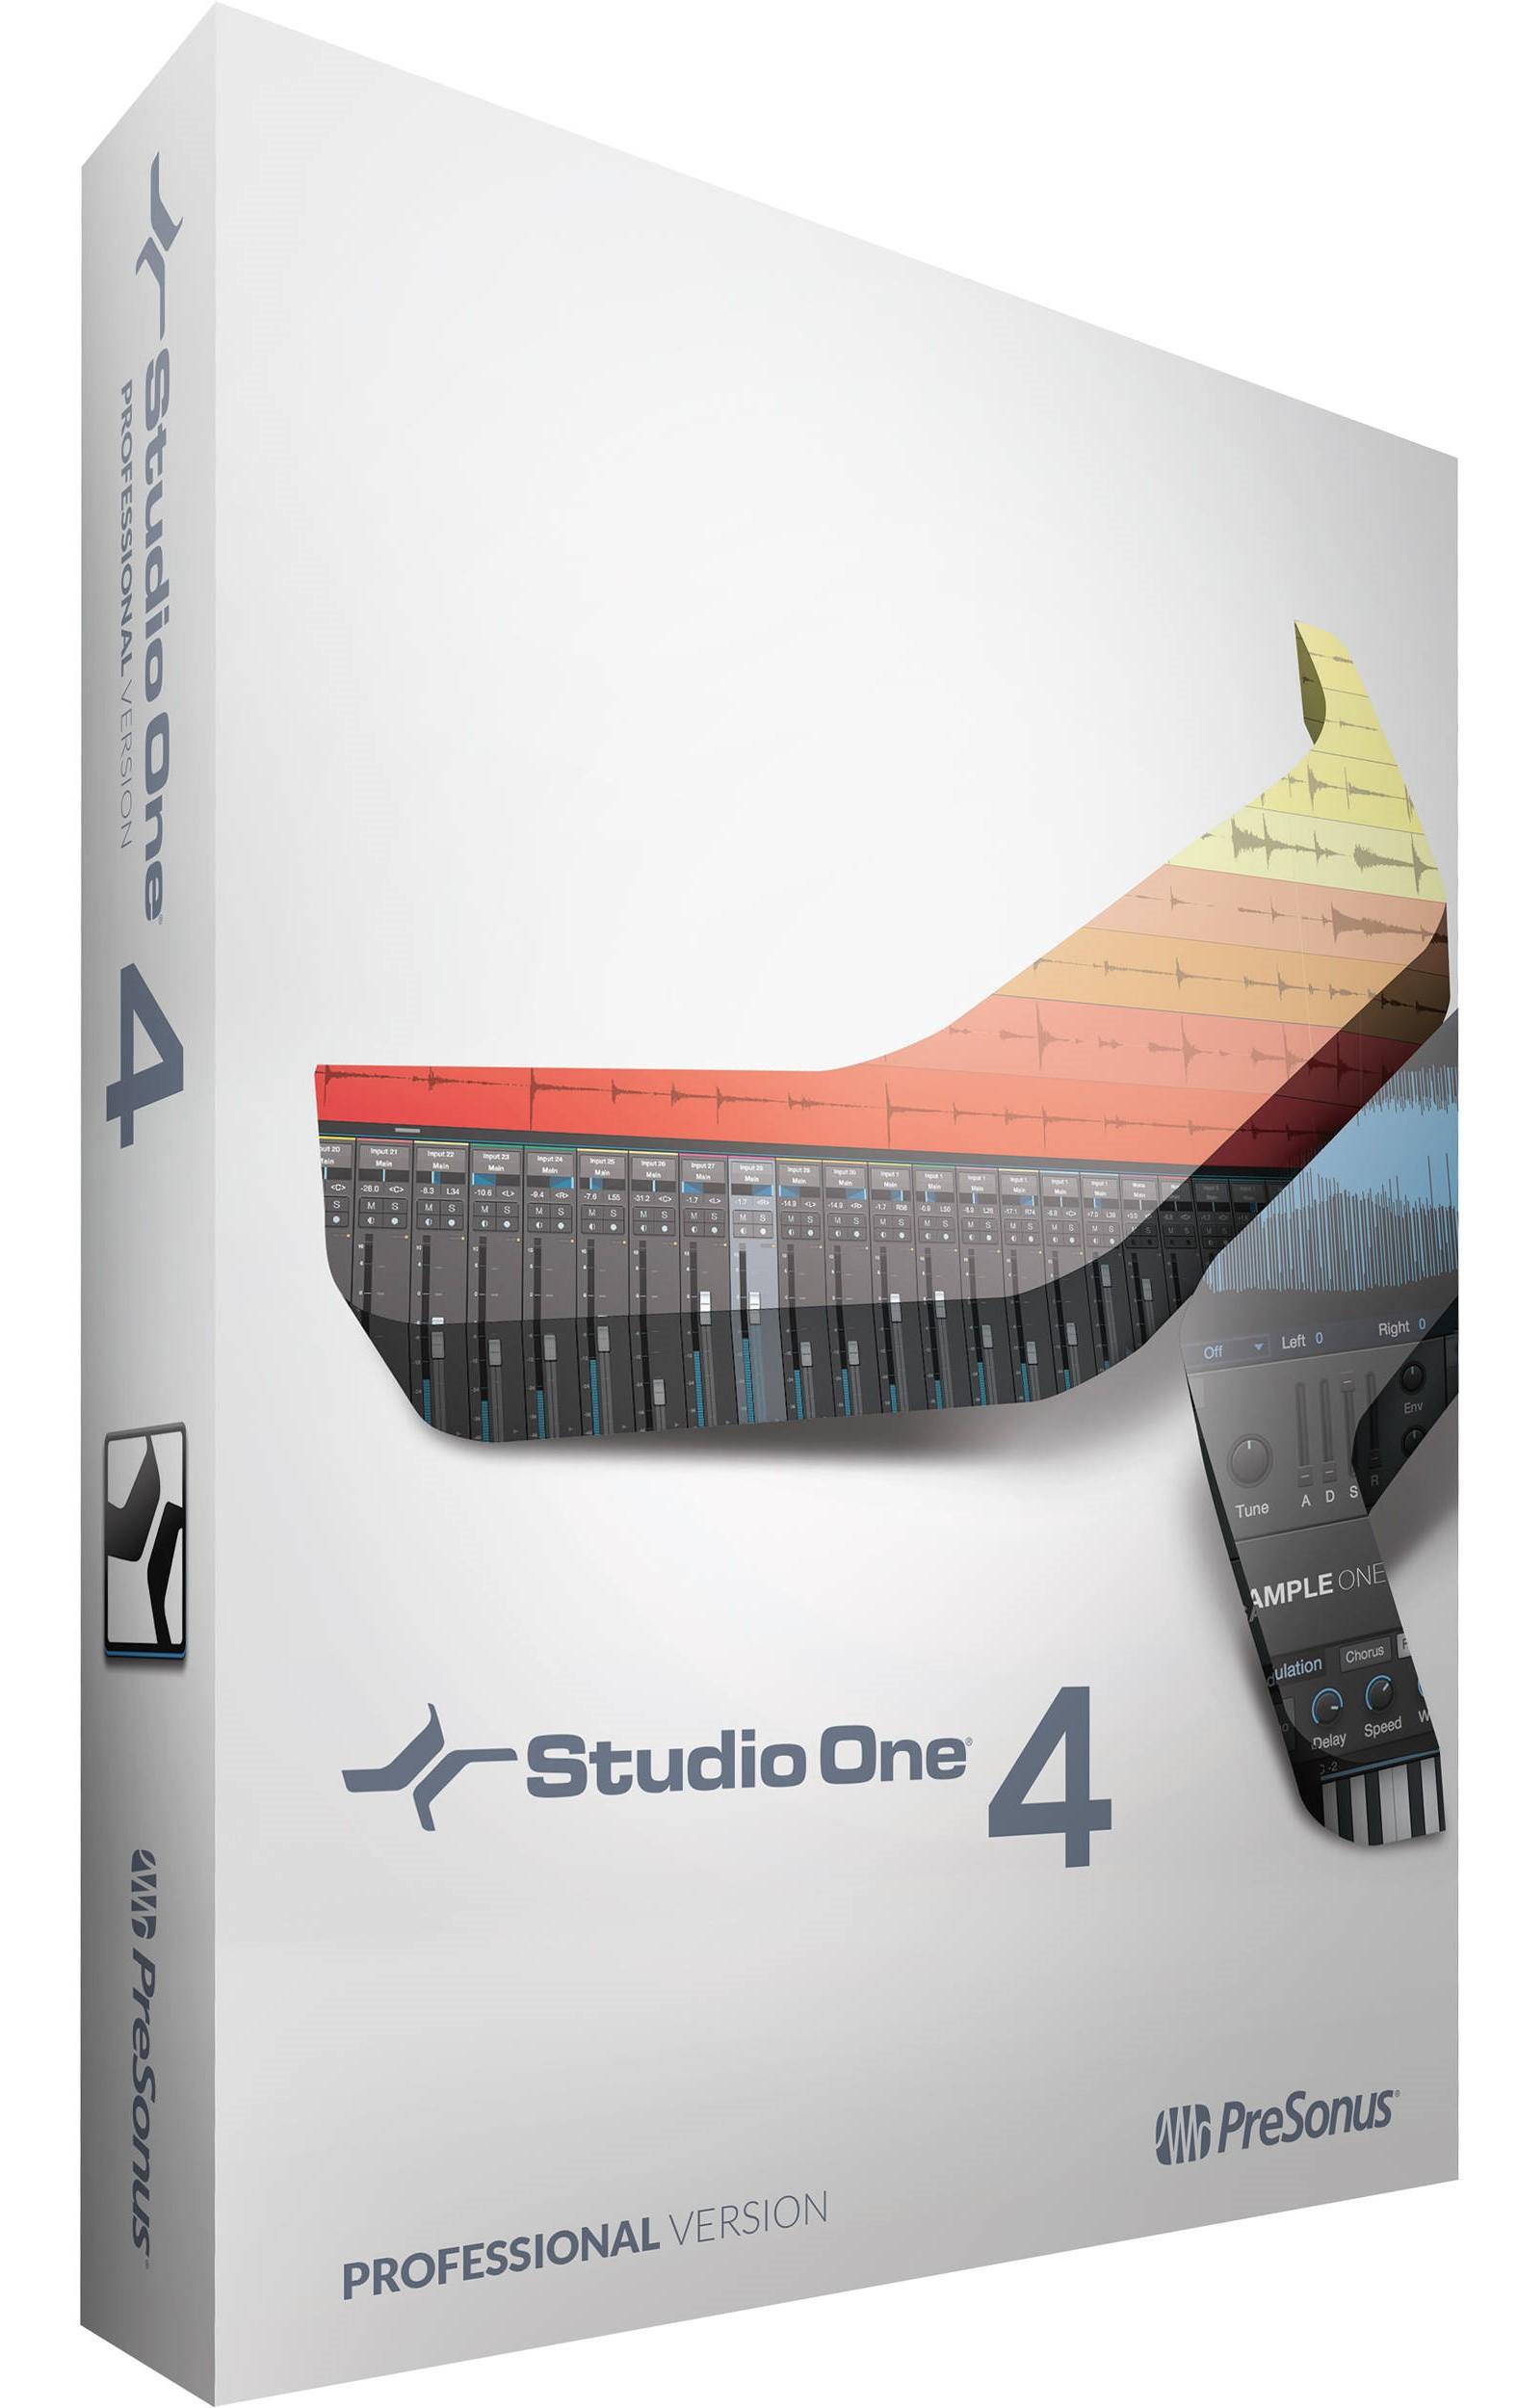 Studio One Pro 5.0.2 Crack Full Version 2021